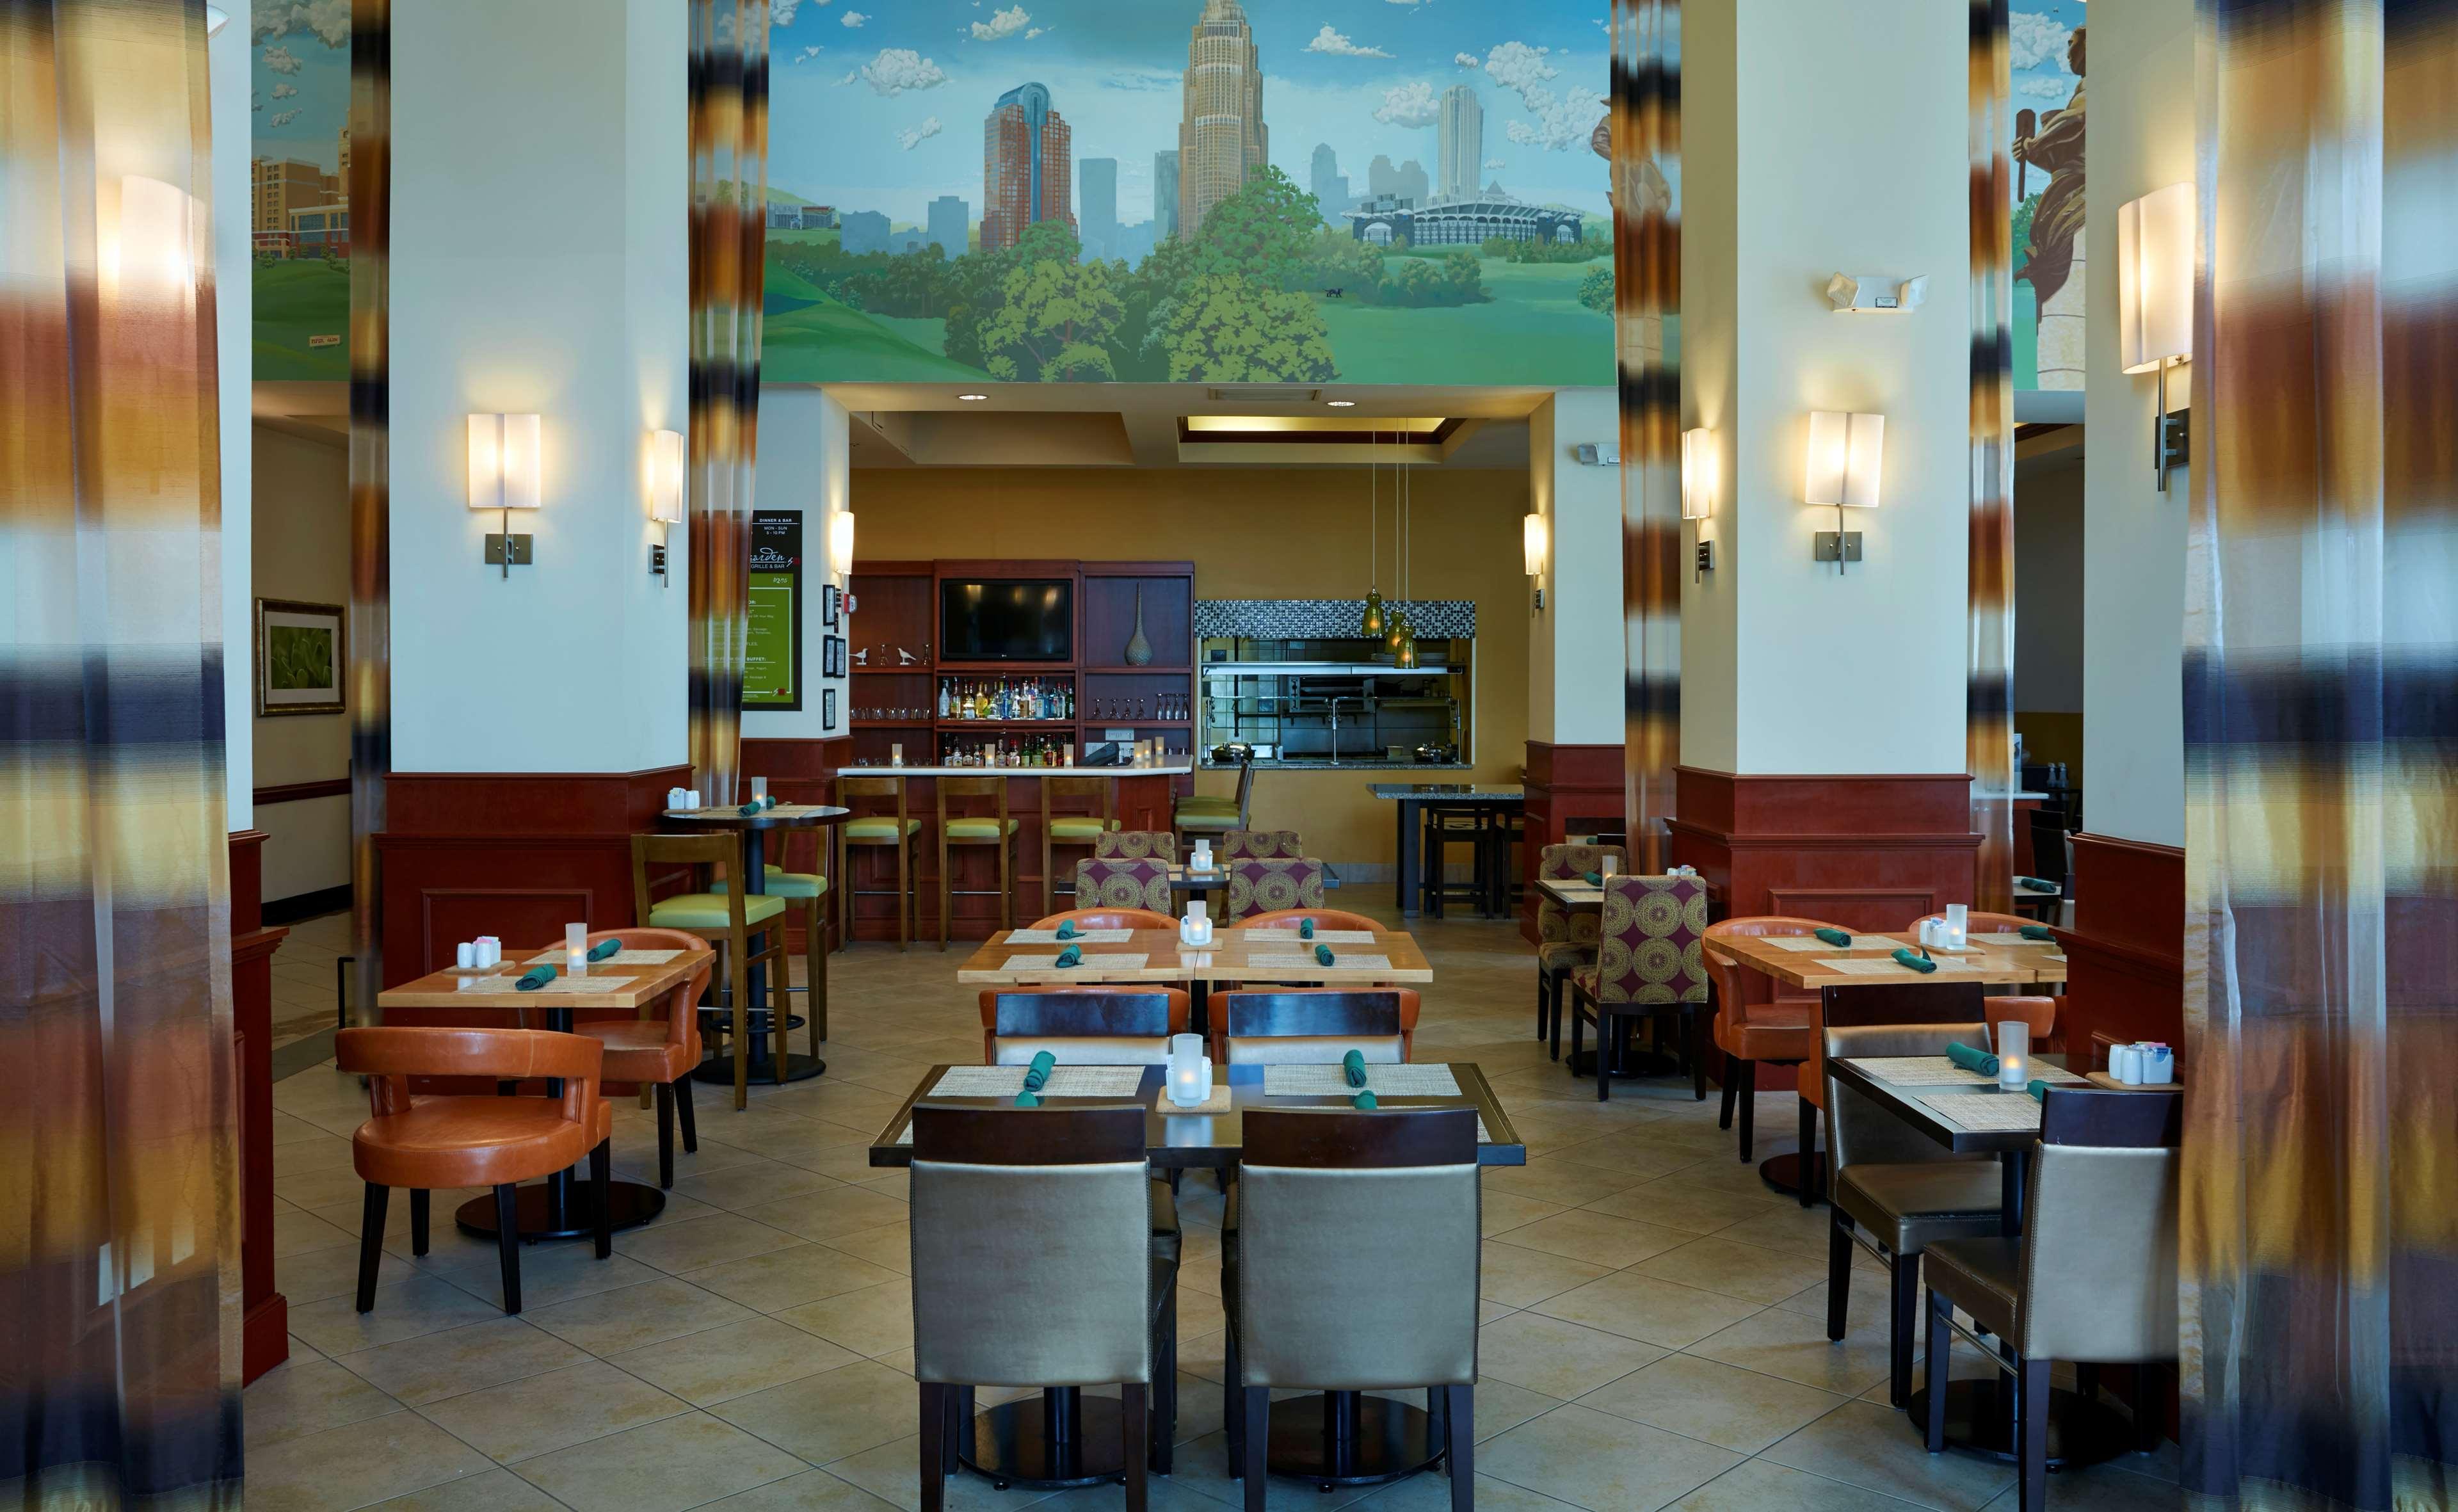 Hilton Garden Inn Charlotte Uptown image 8